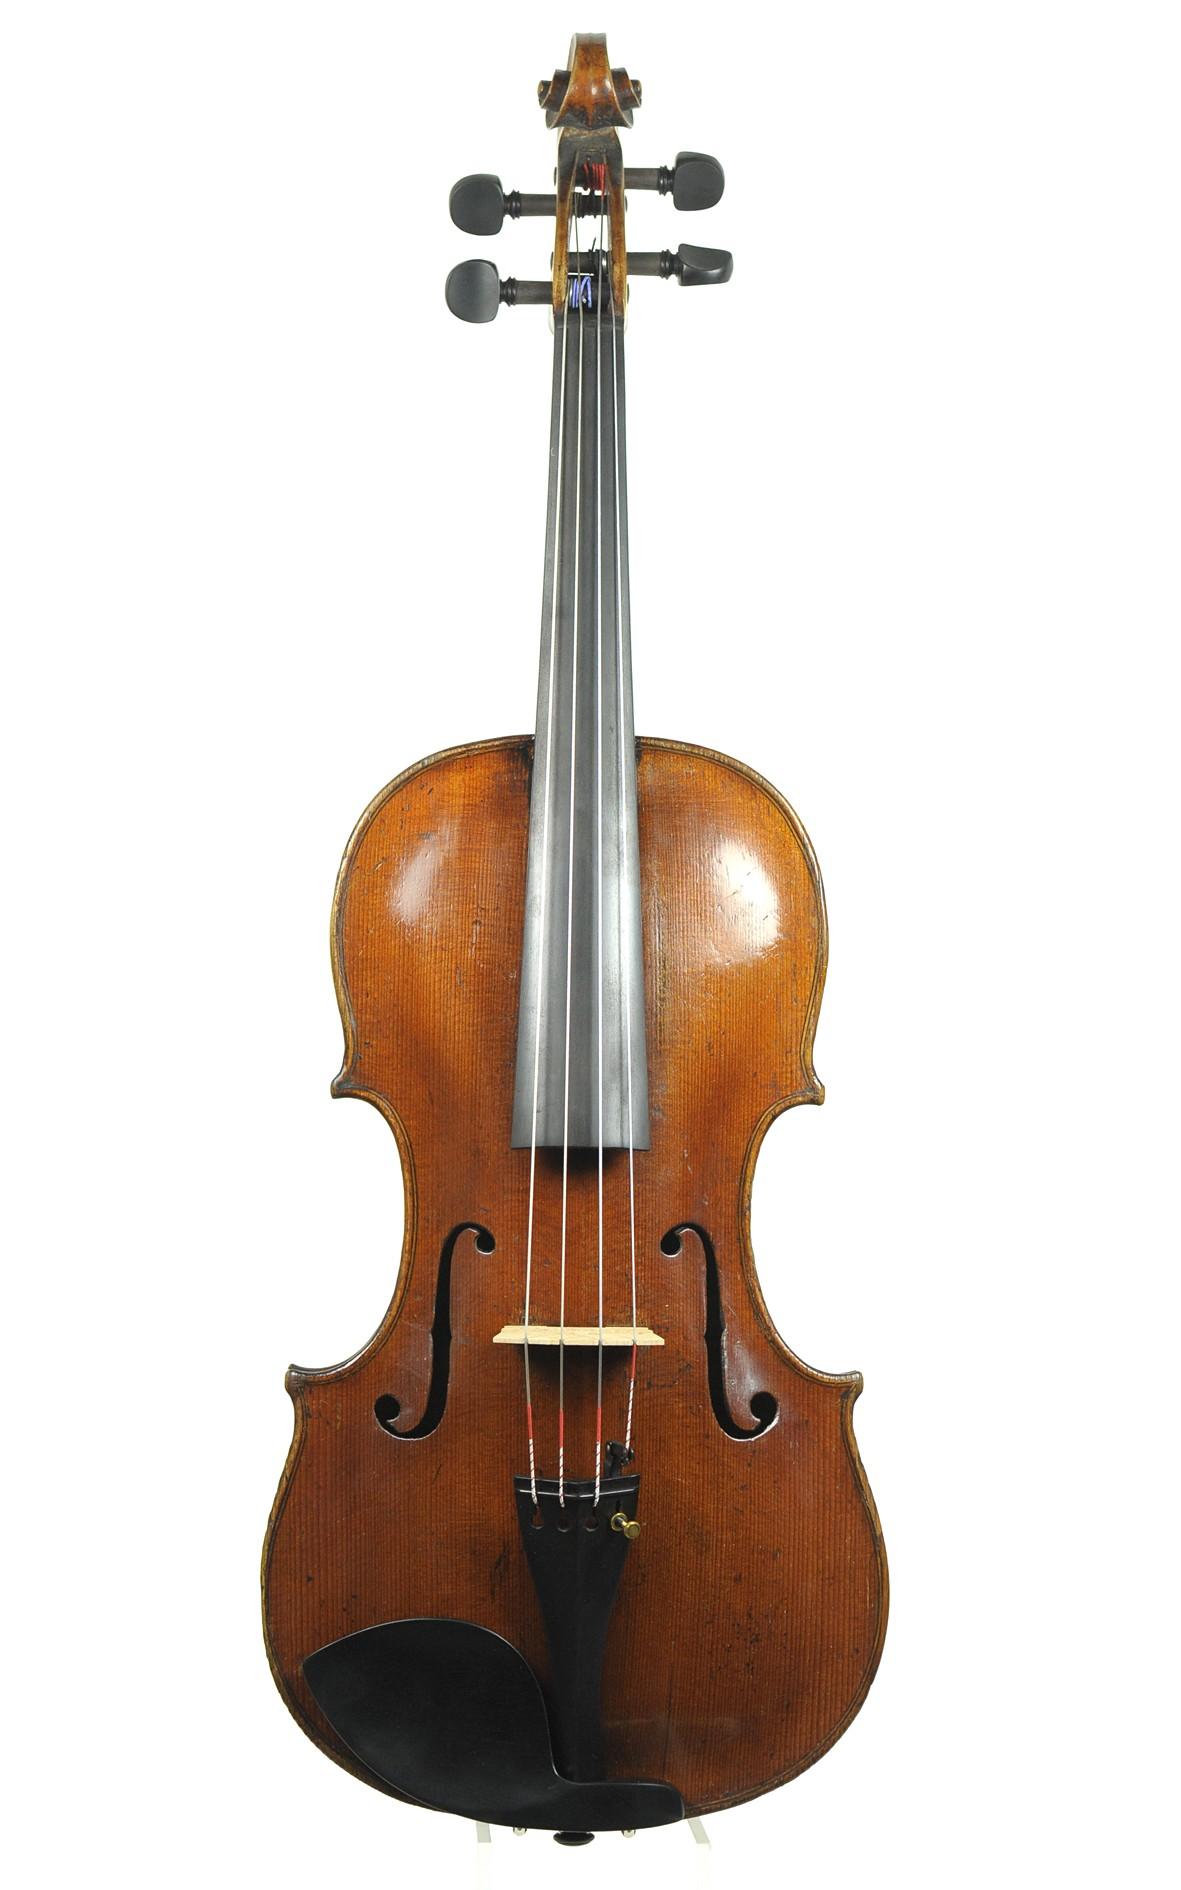 Interesting 18th century Markneukirchen viola, 1780 / 1790